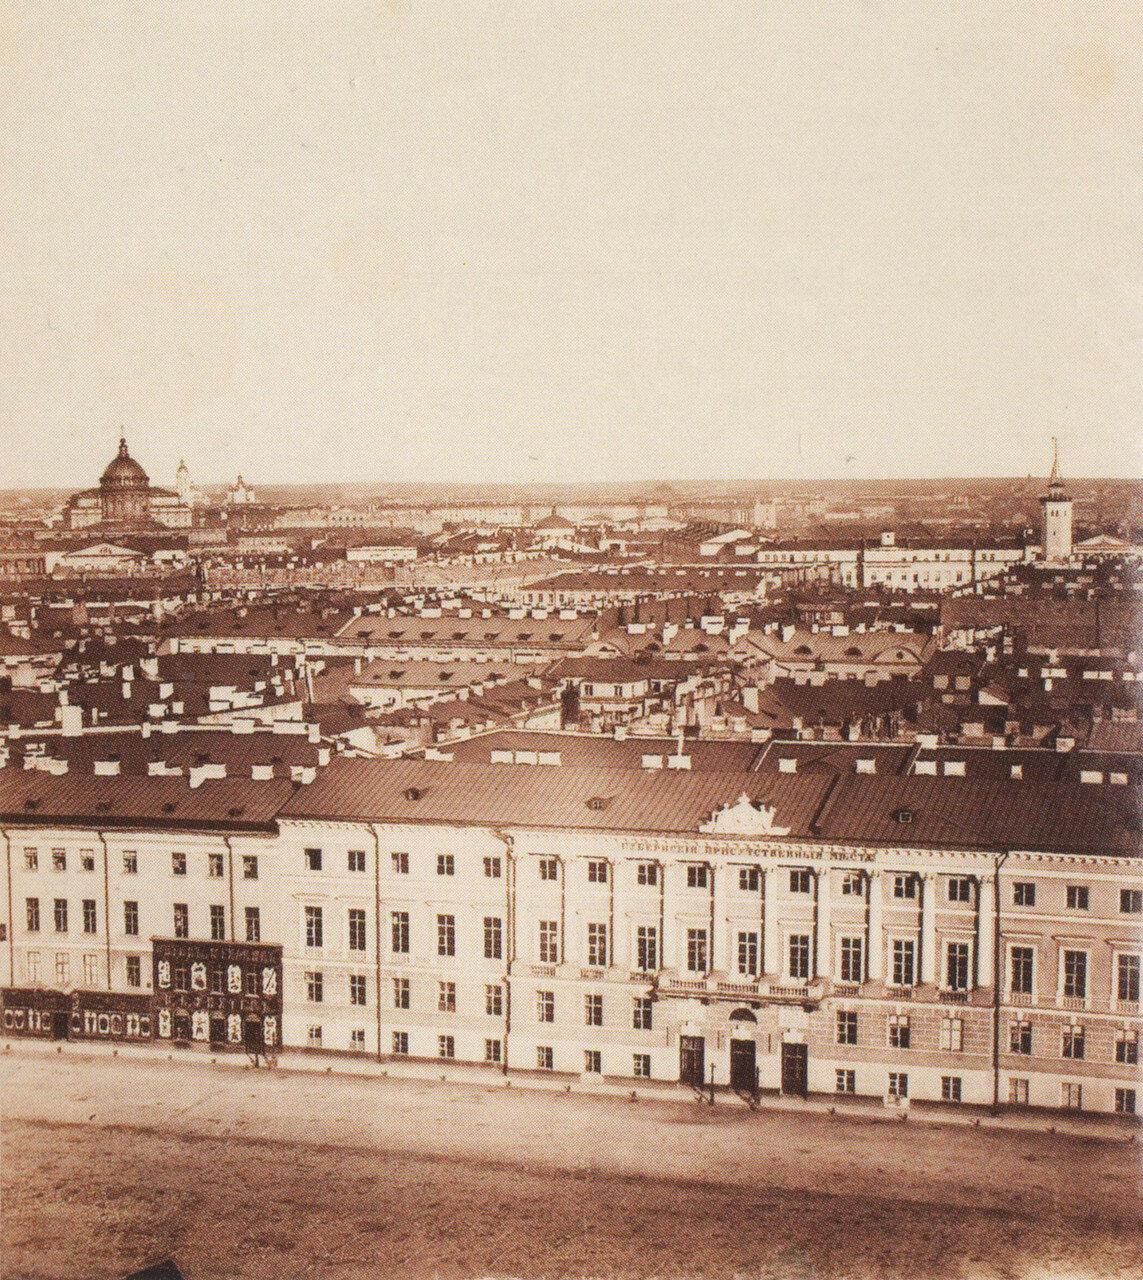 Панорама Санкт-Петербурга. 1861.10